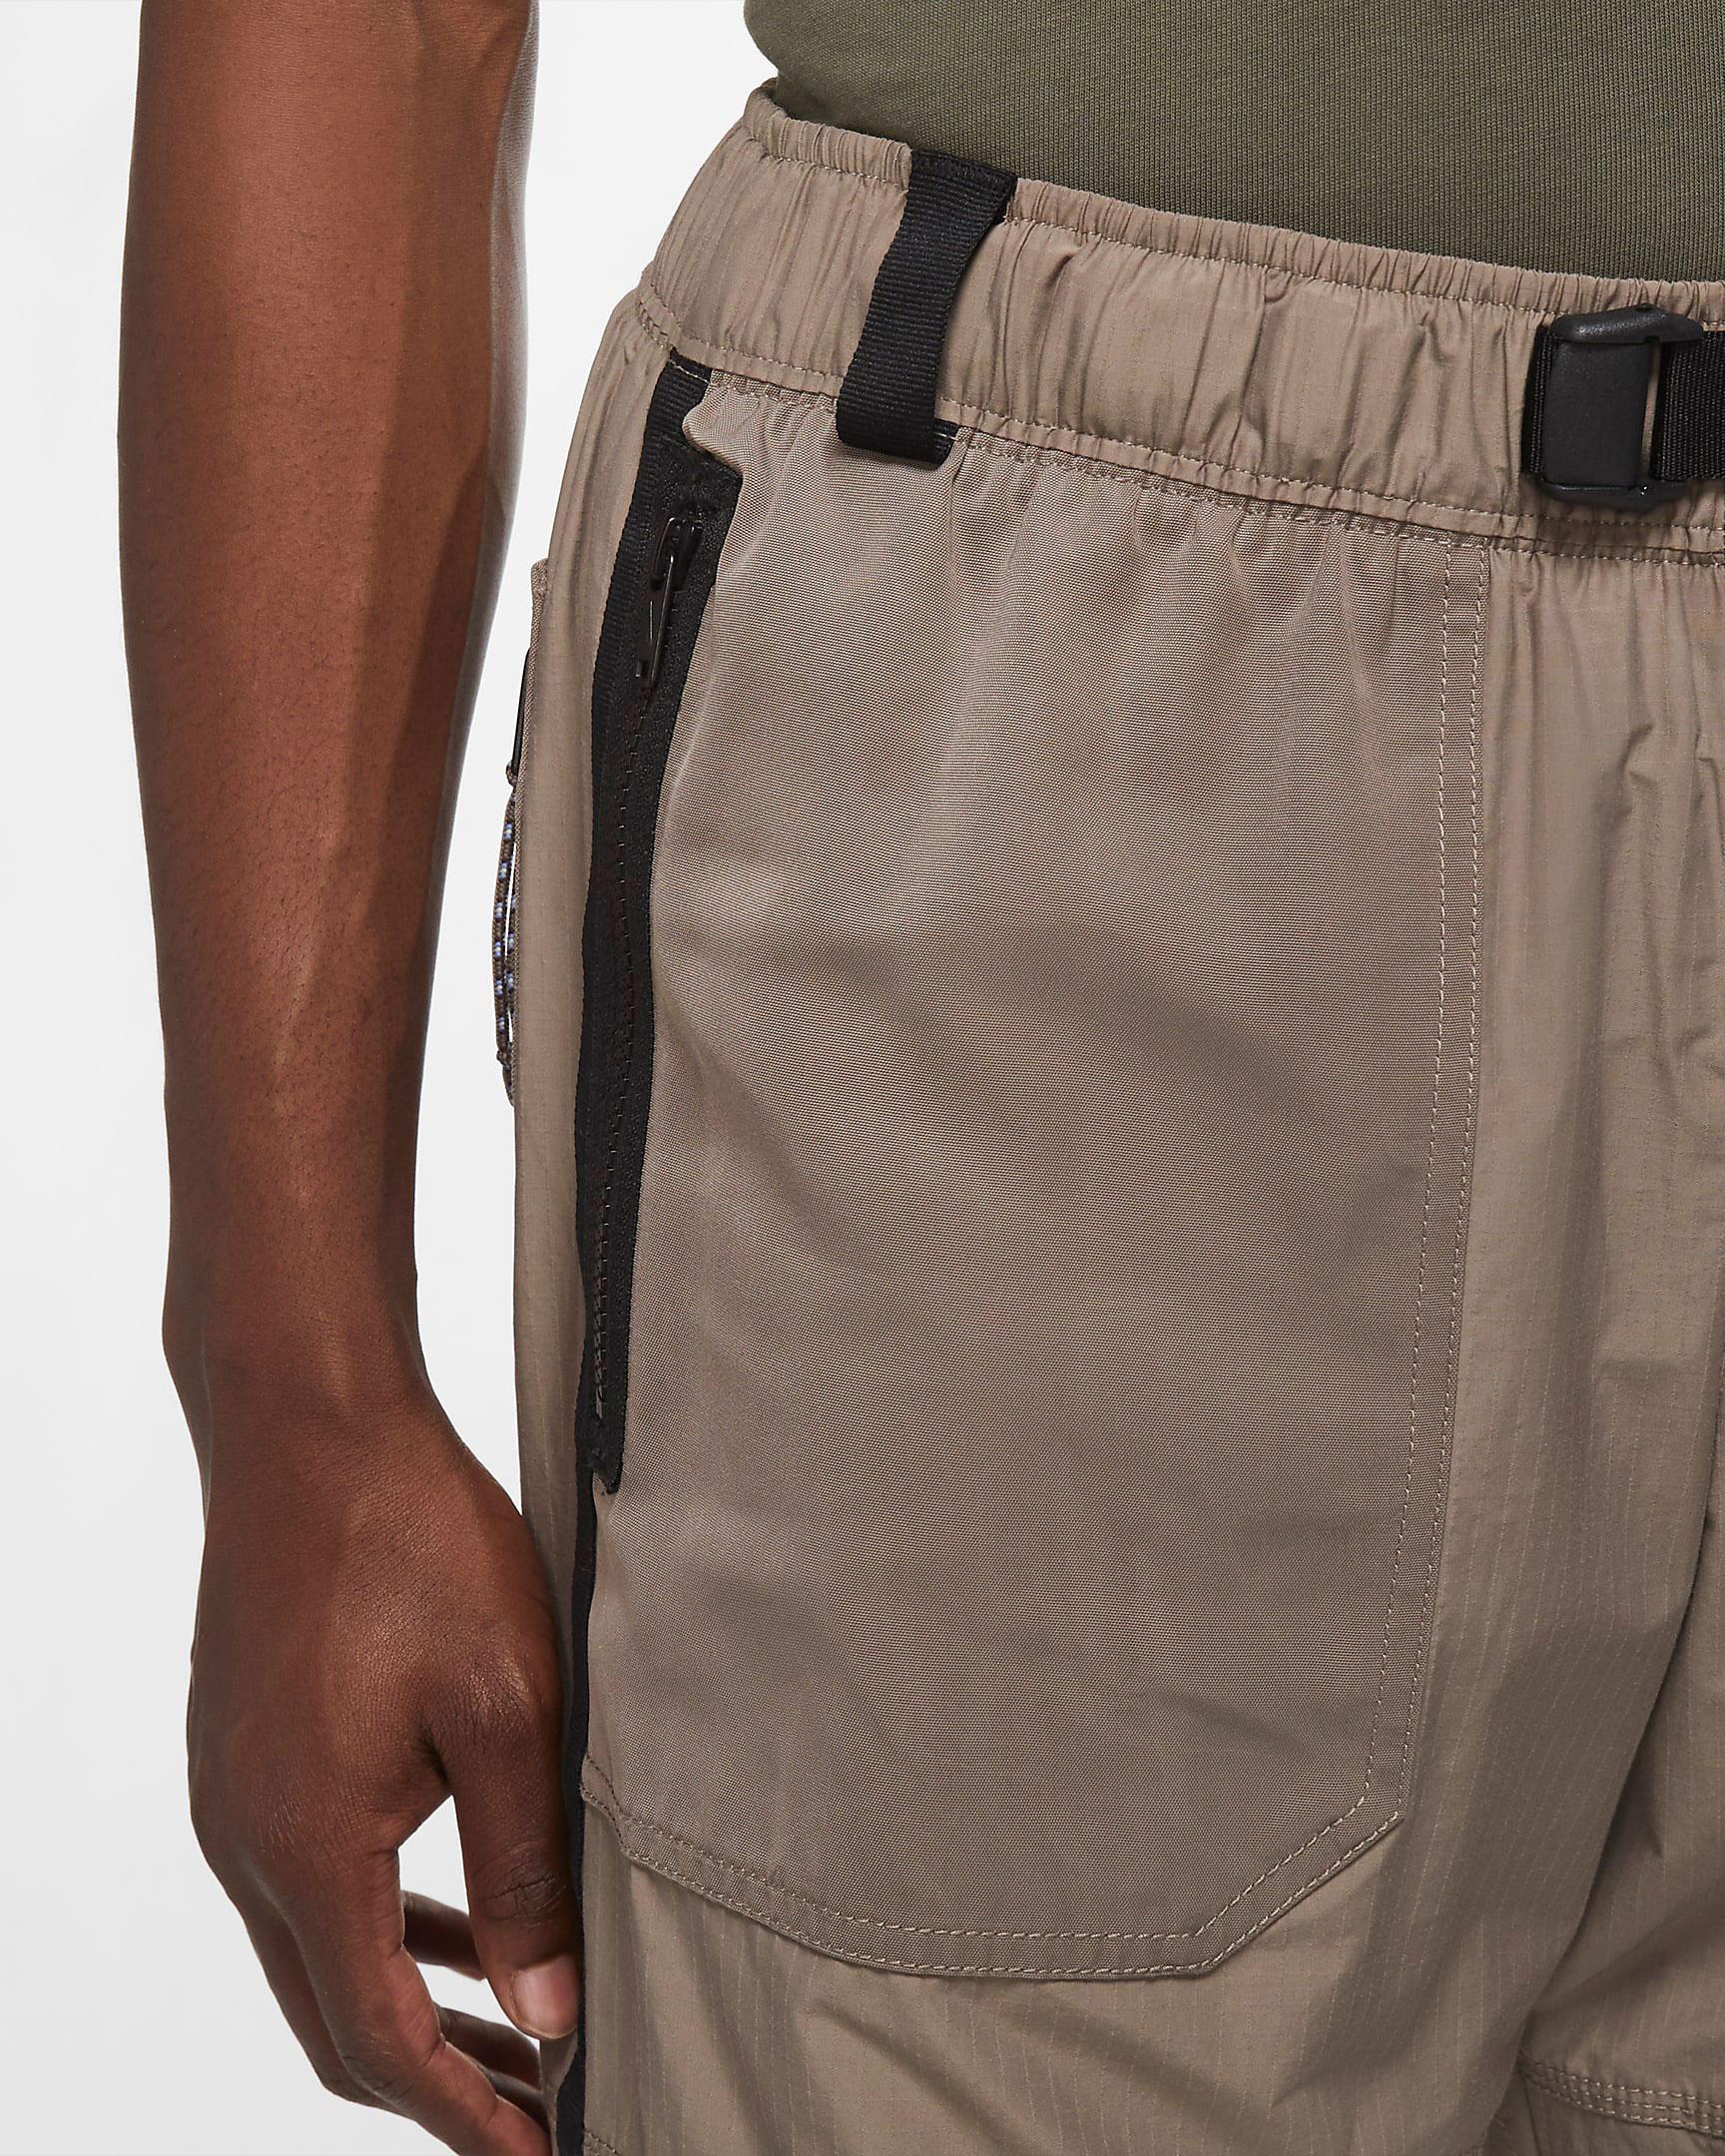 nike-sportswear-woven-pants-olive-grey-3